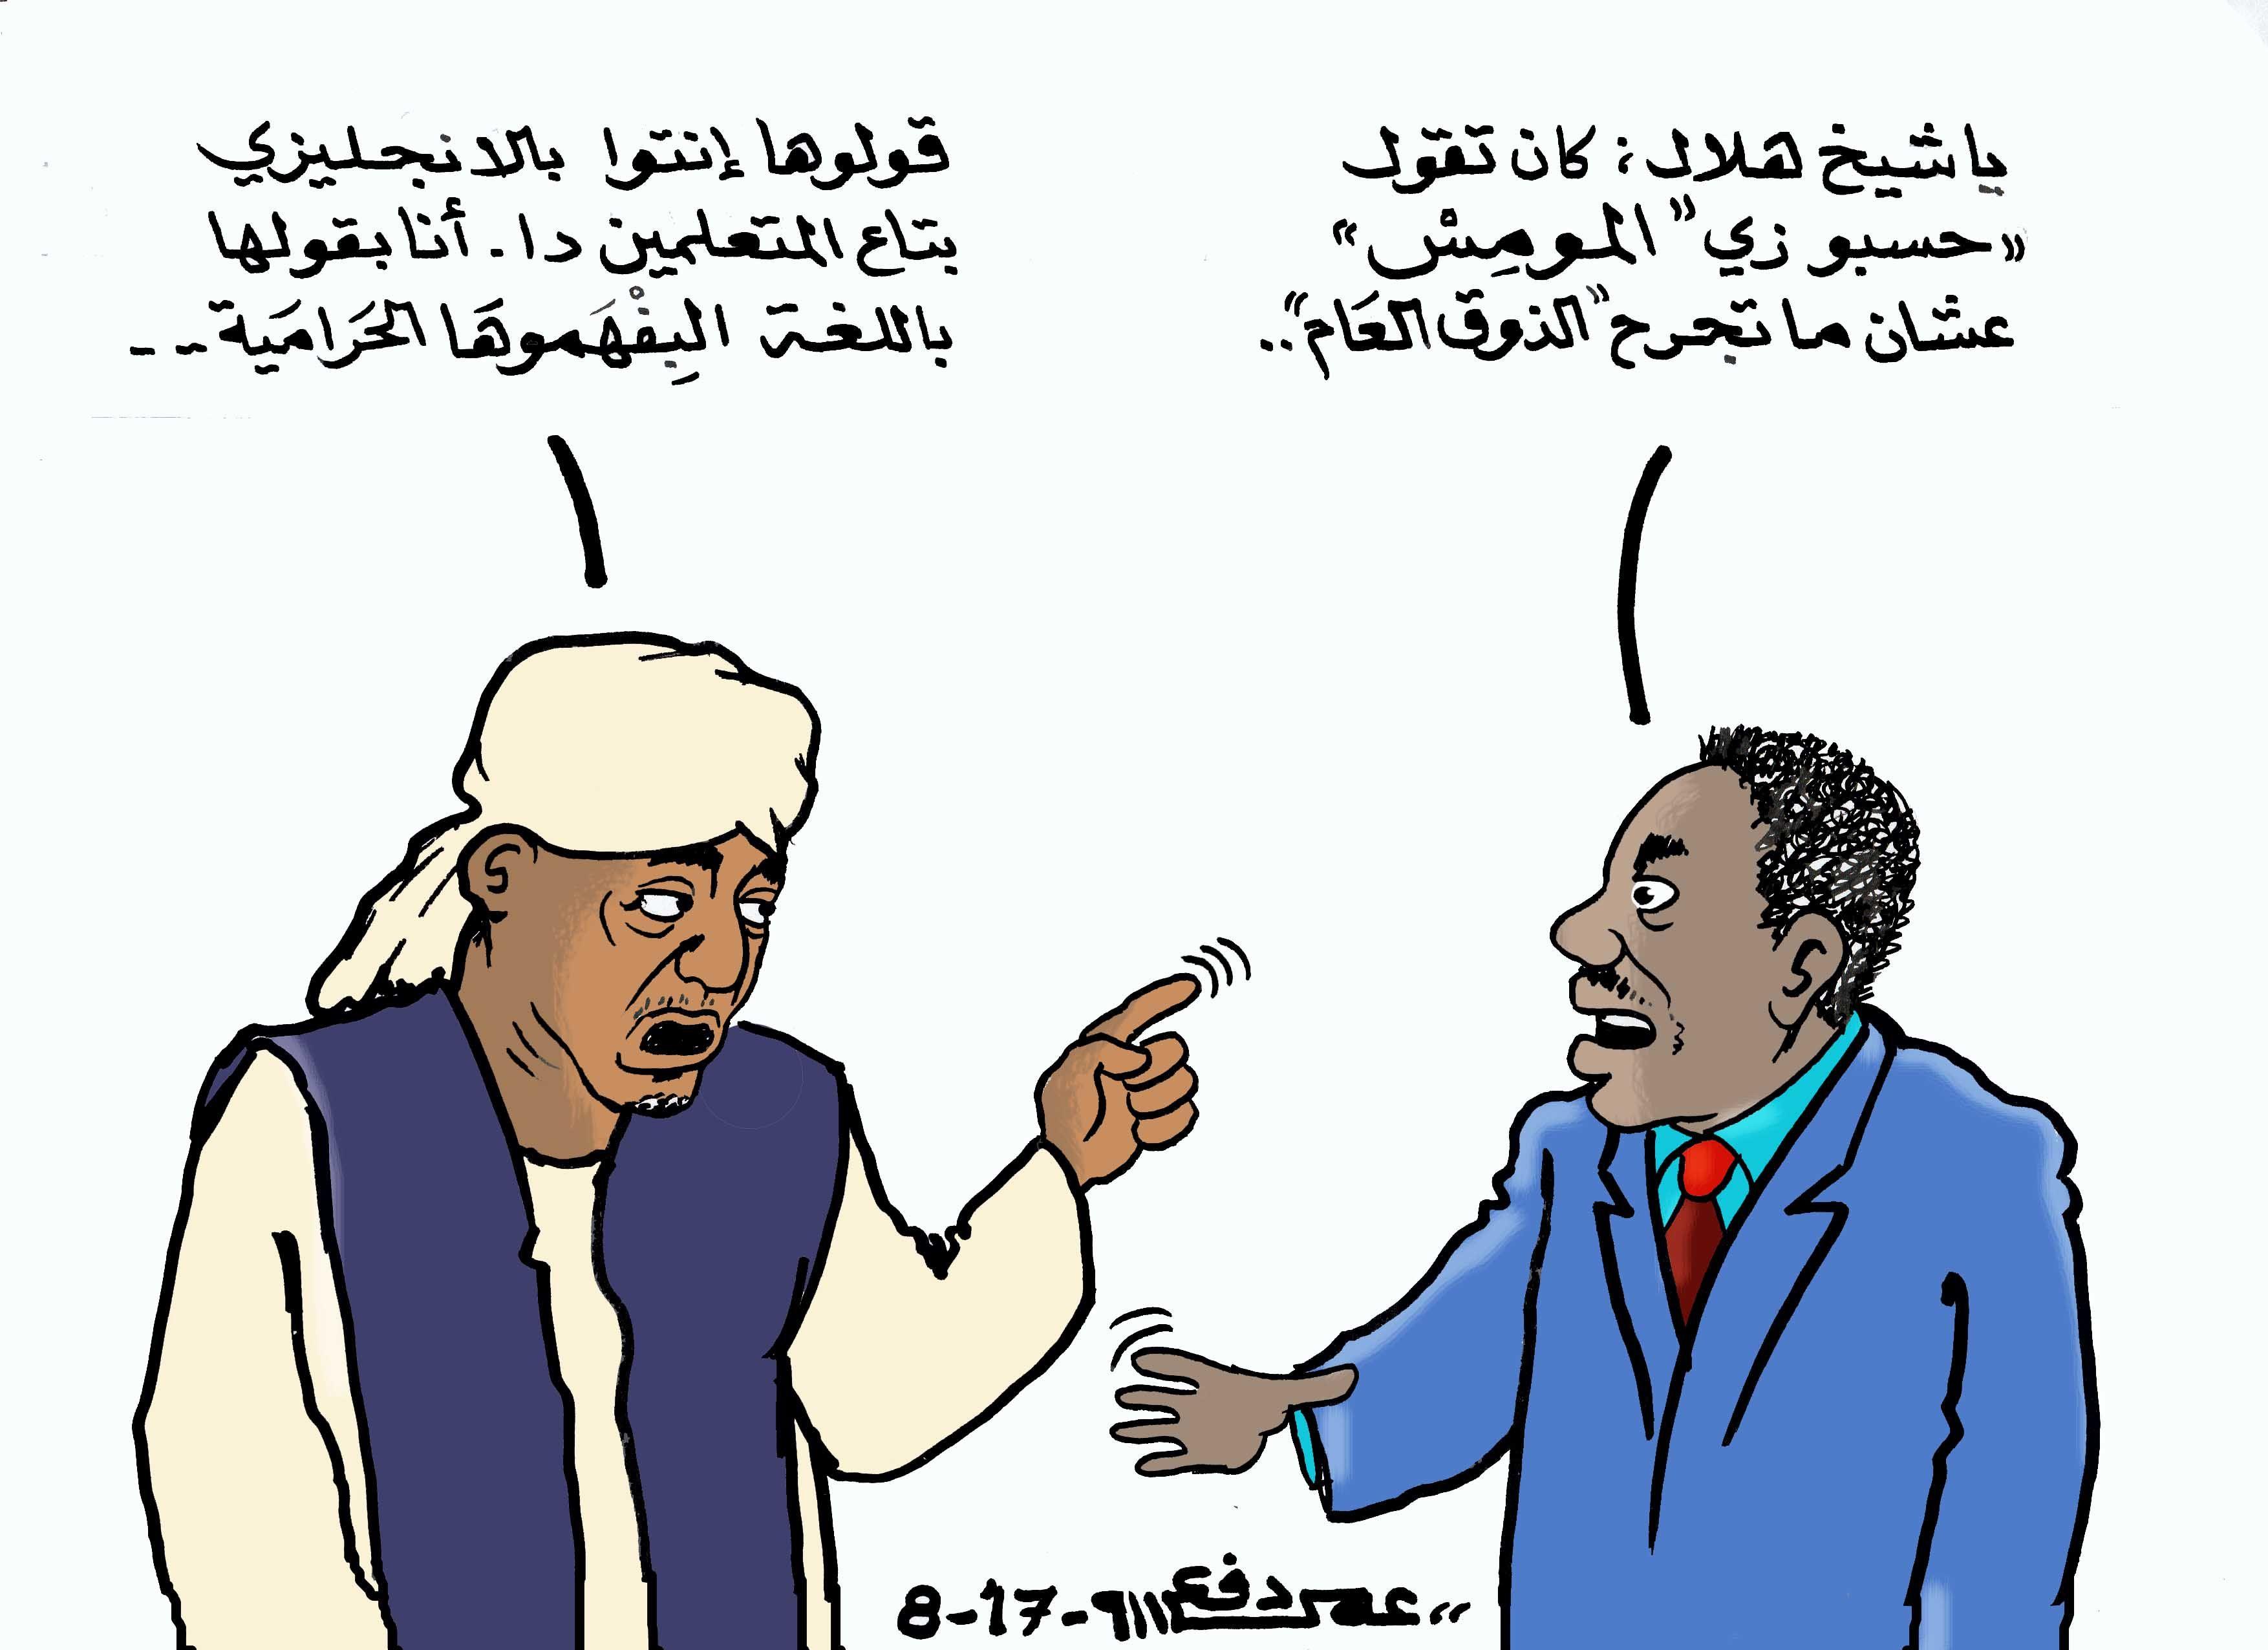 كاركاتير اليوم الموافق 24 اغسطس 2017 للفنان عمر دفع الله